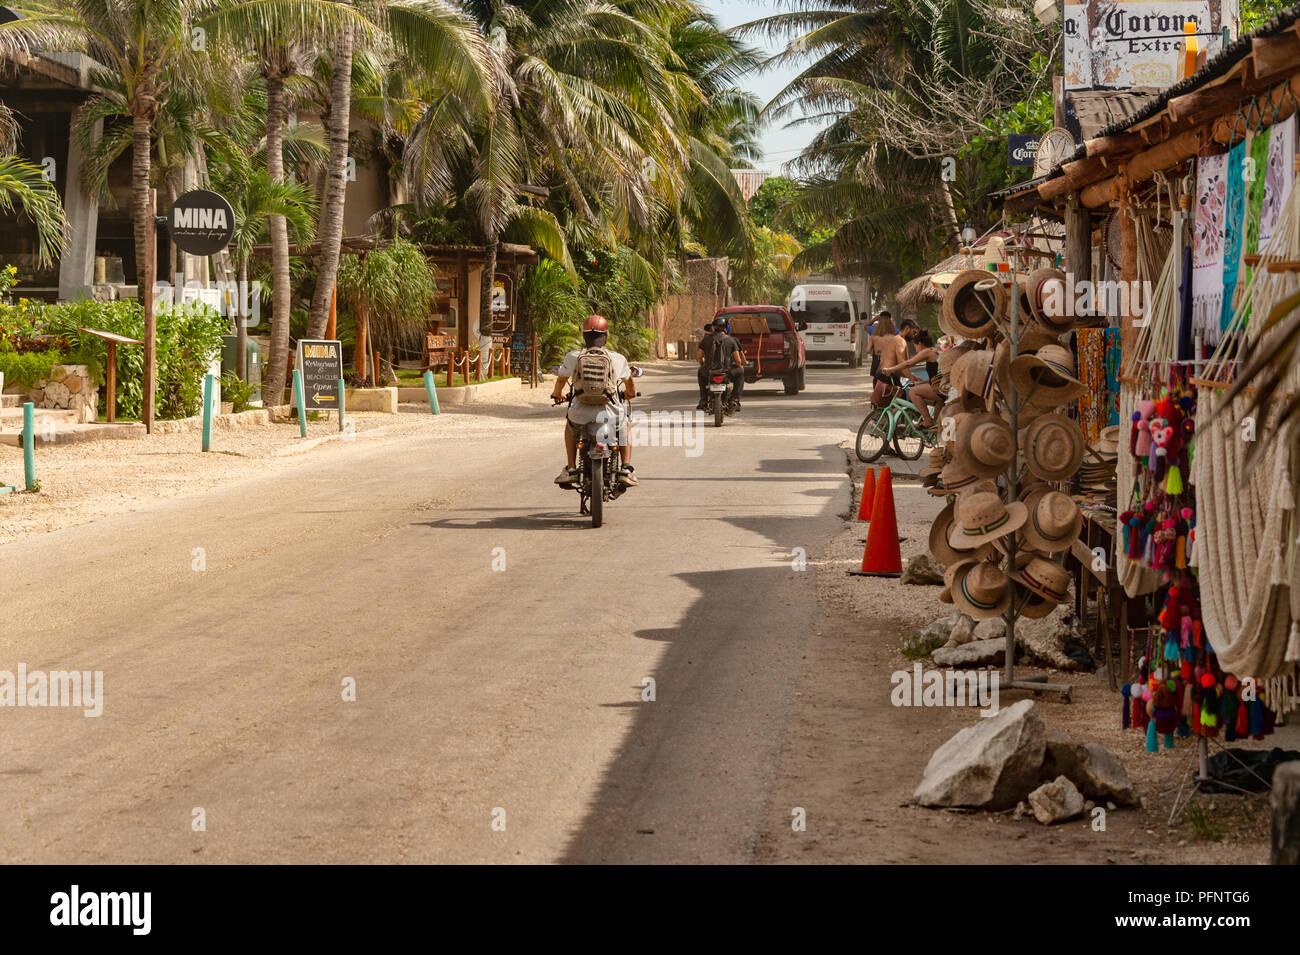 Carretera Tulum Boca Paila road in Tulum, Mexico (August 2018) - Stock Image